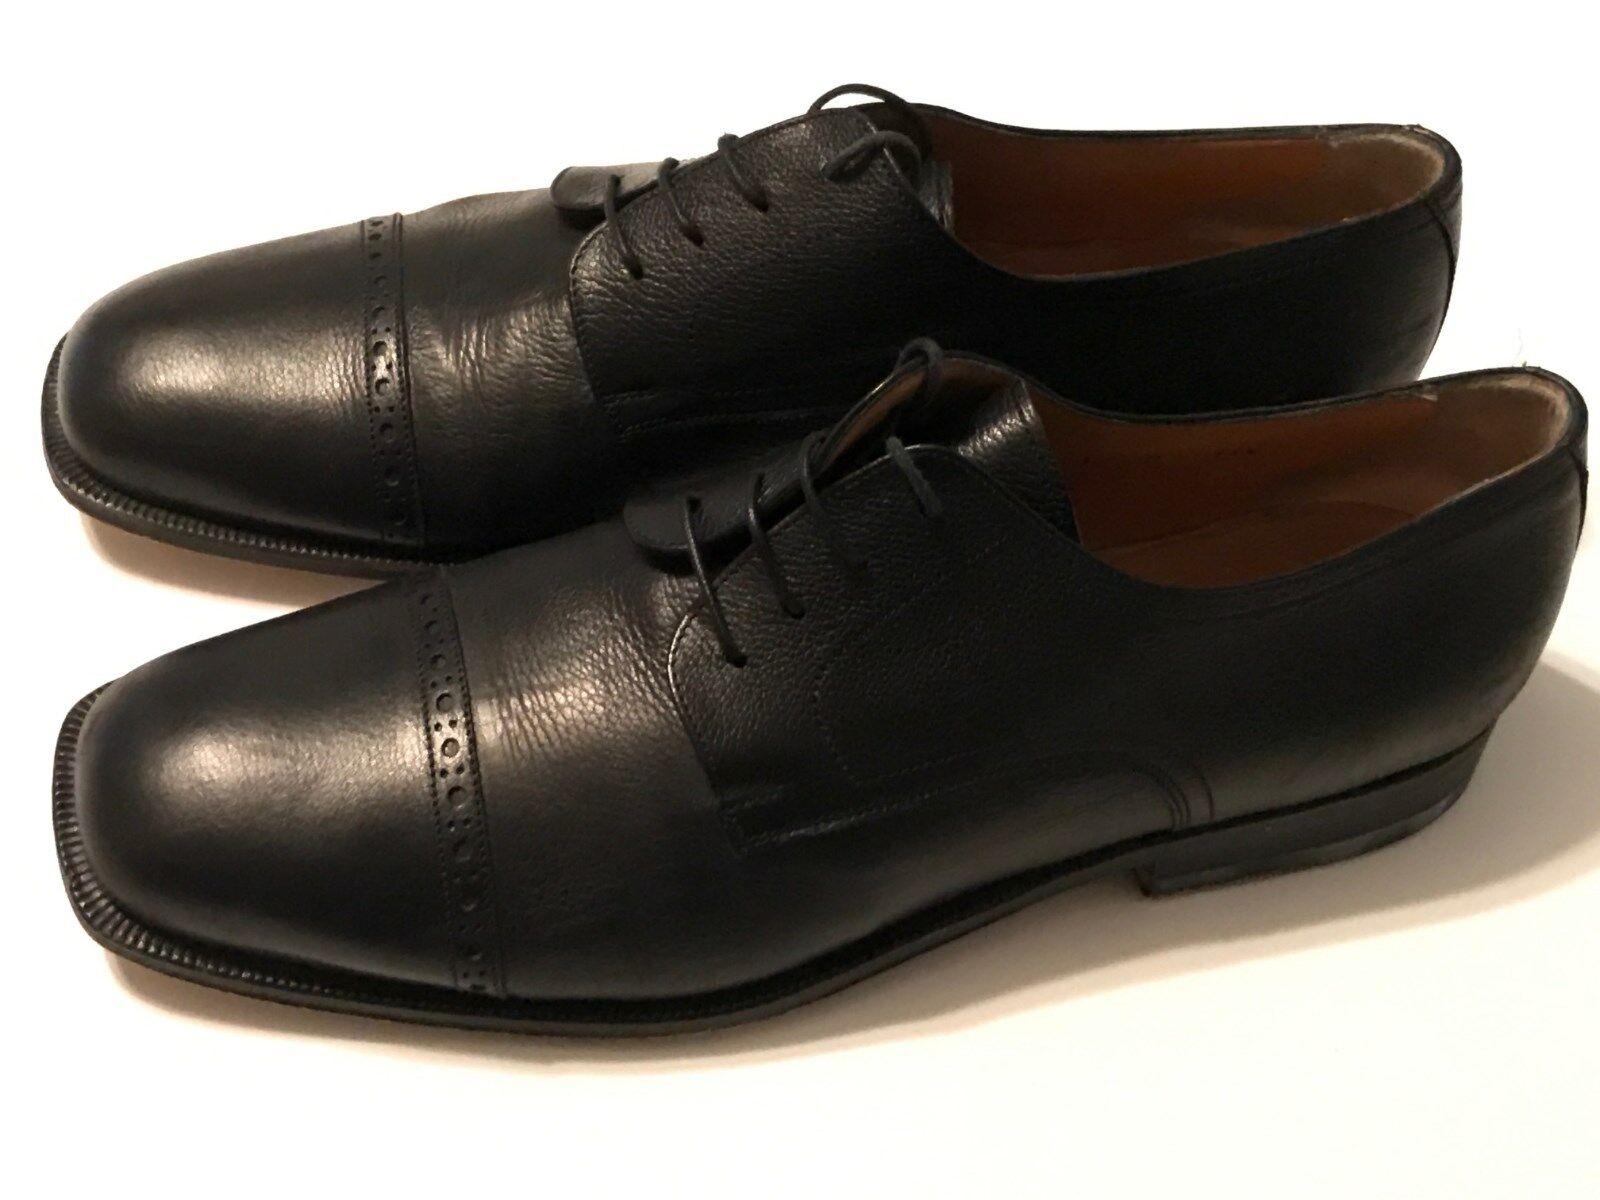 Santoni Sheridan Black Cap Toe shoes Size 11.5 D